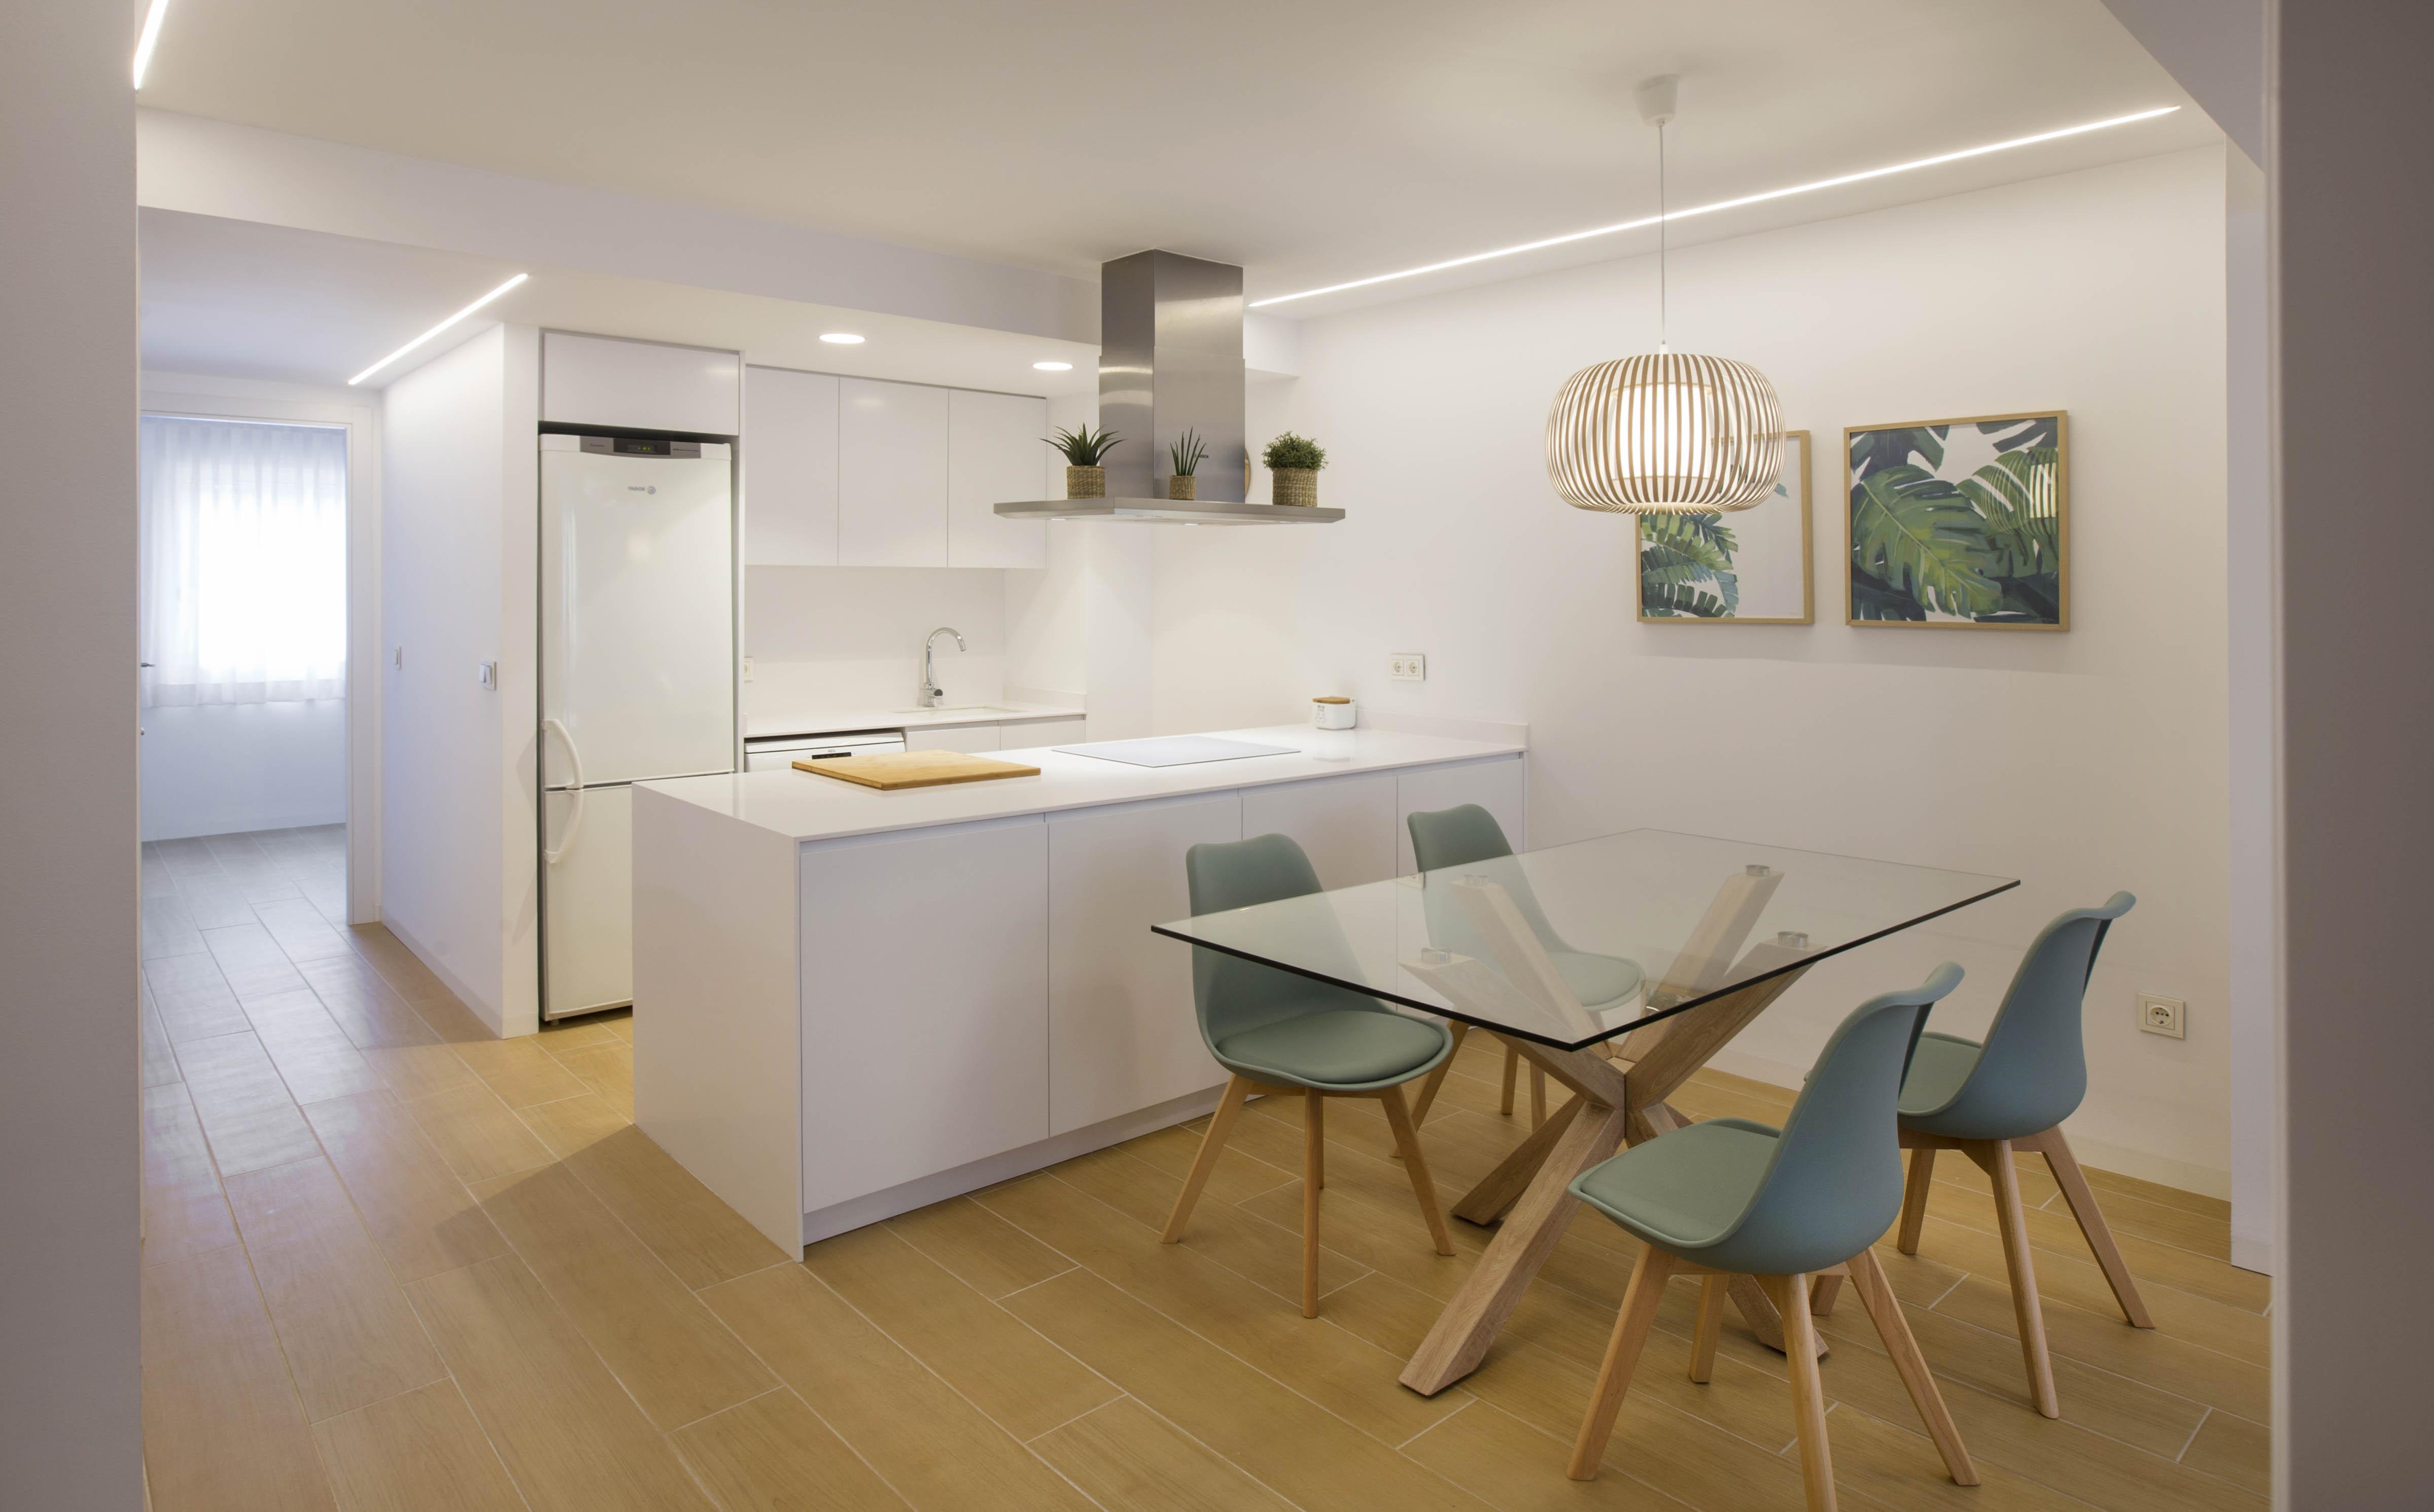 Fotografía de casas y viviendas en alquier o venta